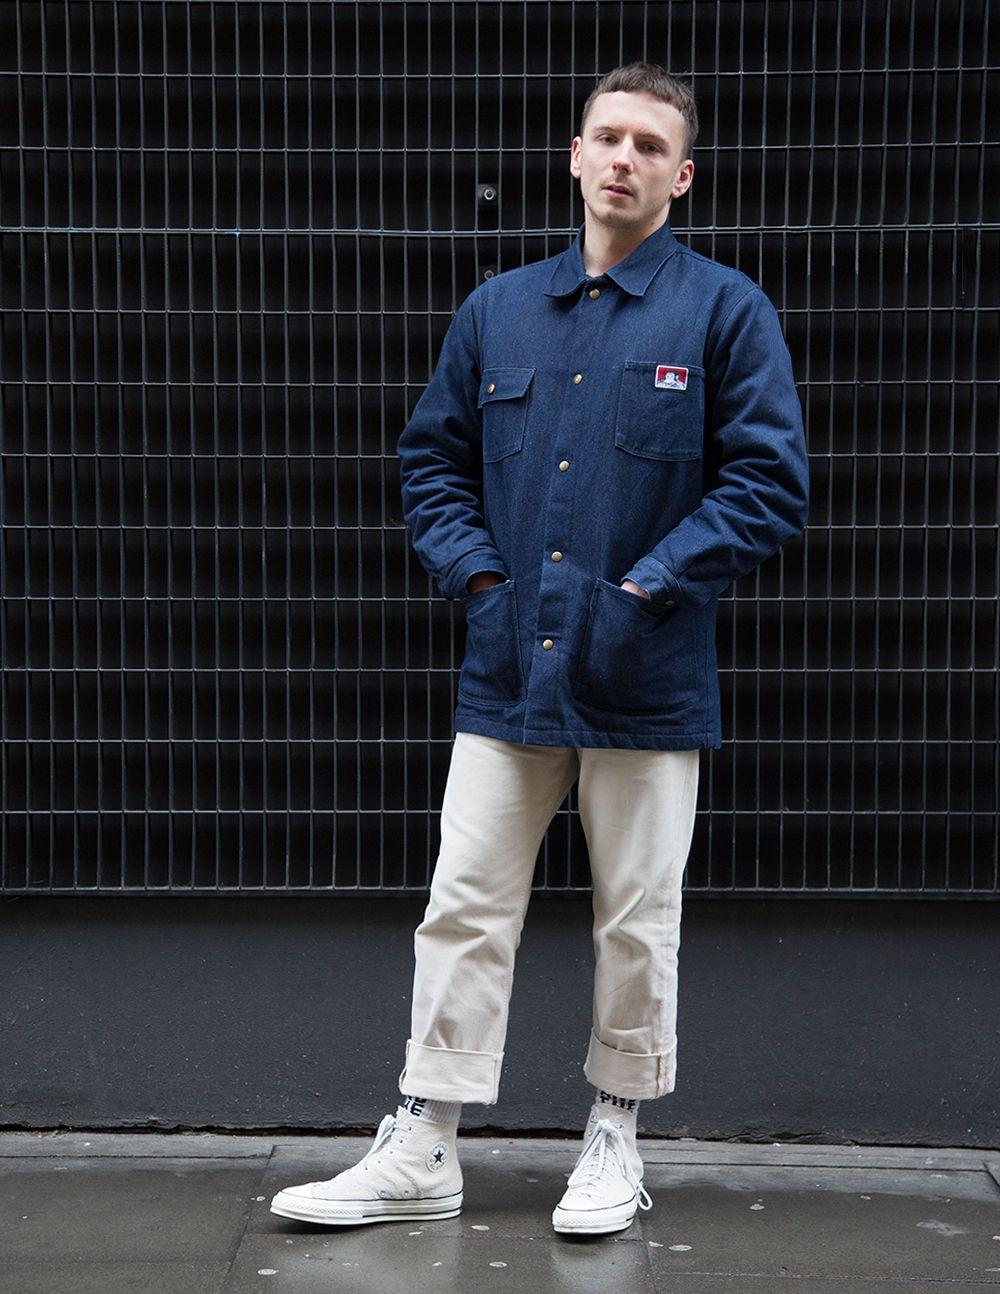 Steven Wears Jacket By Ben Davis Trousers By Stan Ray Shoes